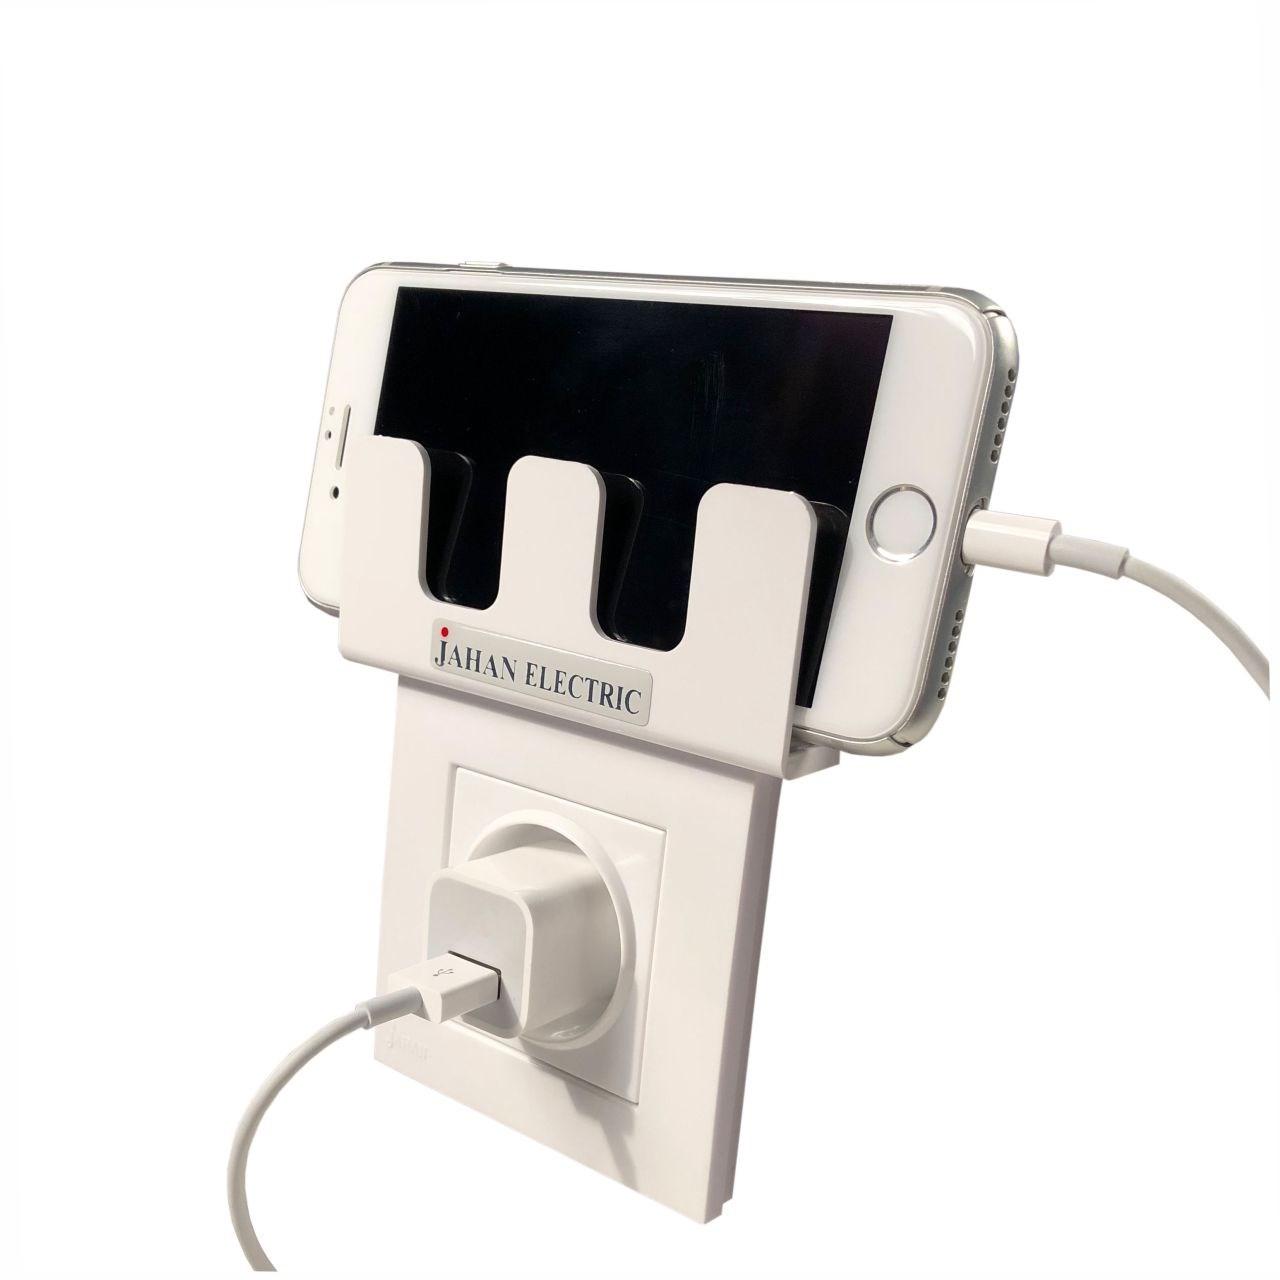 نگهدارنده موبایل در هنگام شارژ جهان الکتریک مدل Si8  بسته 4 عددی              ( قیمت عمده )